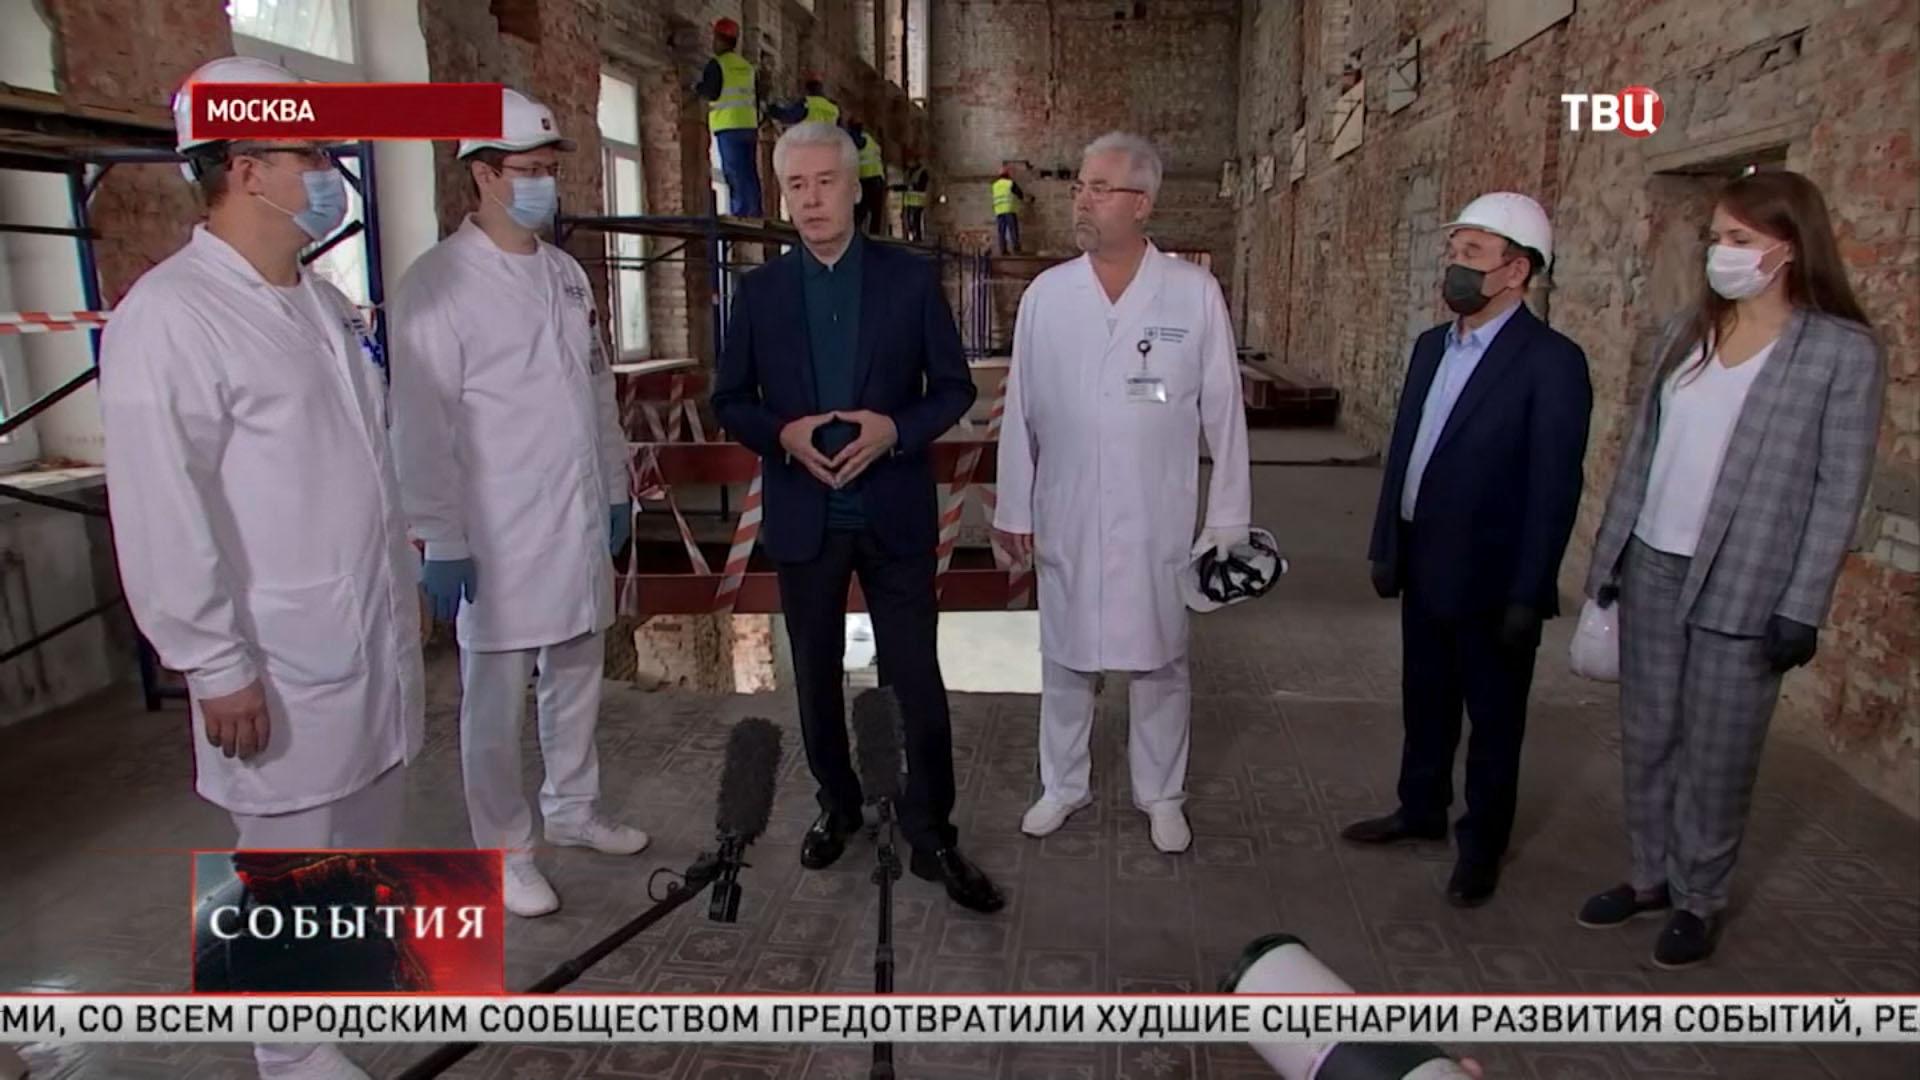 Сергей Собянин посетил Боткинскую с рабочим визитом